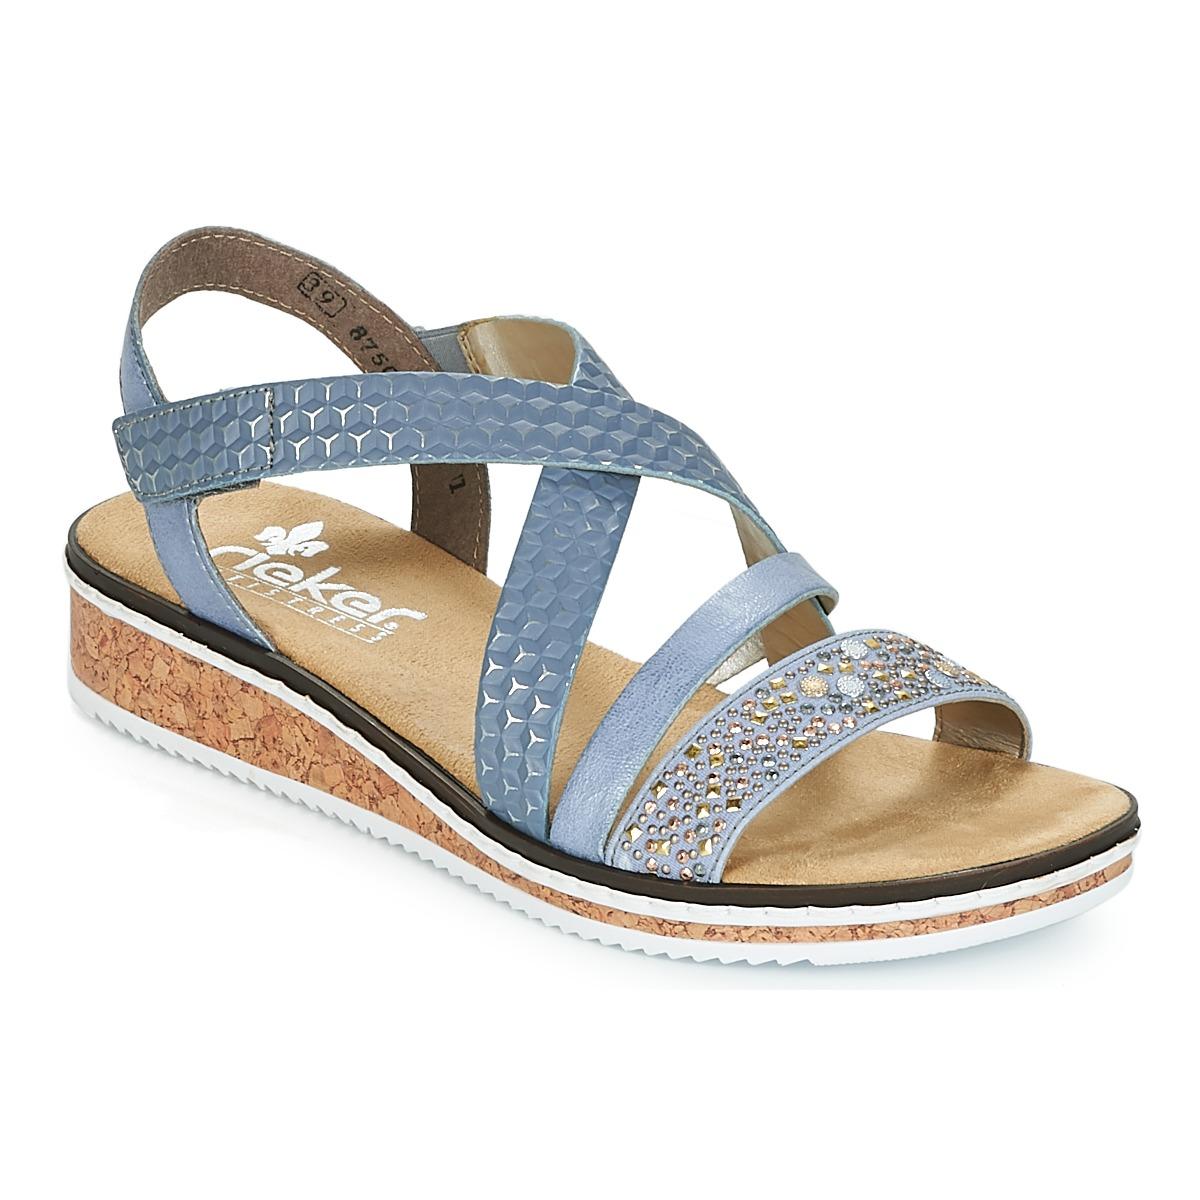 first rate 20cd1 78ed7 RIEKER ženski sandali DAMADIOP, modri - Ceneje.si